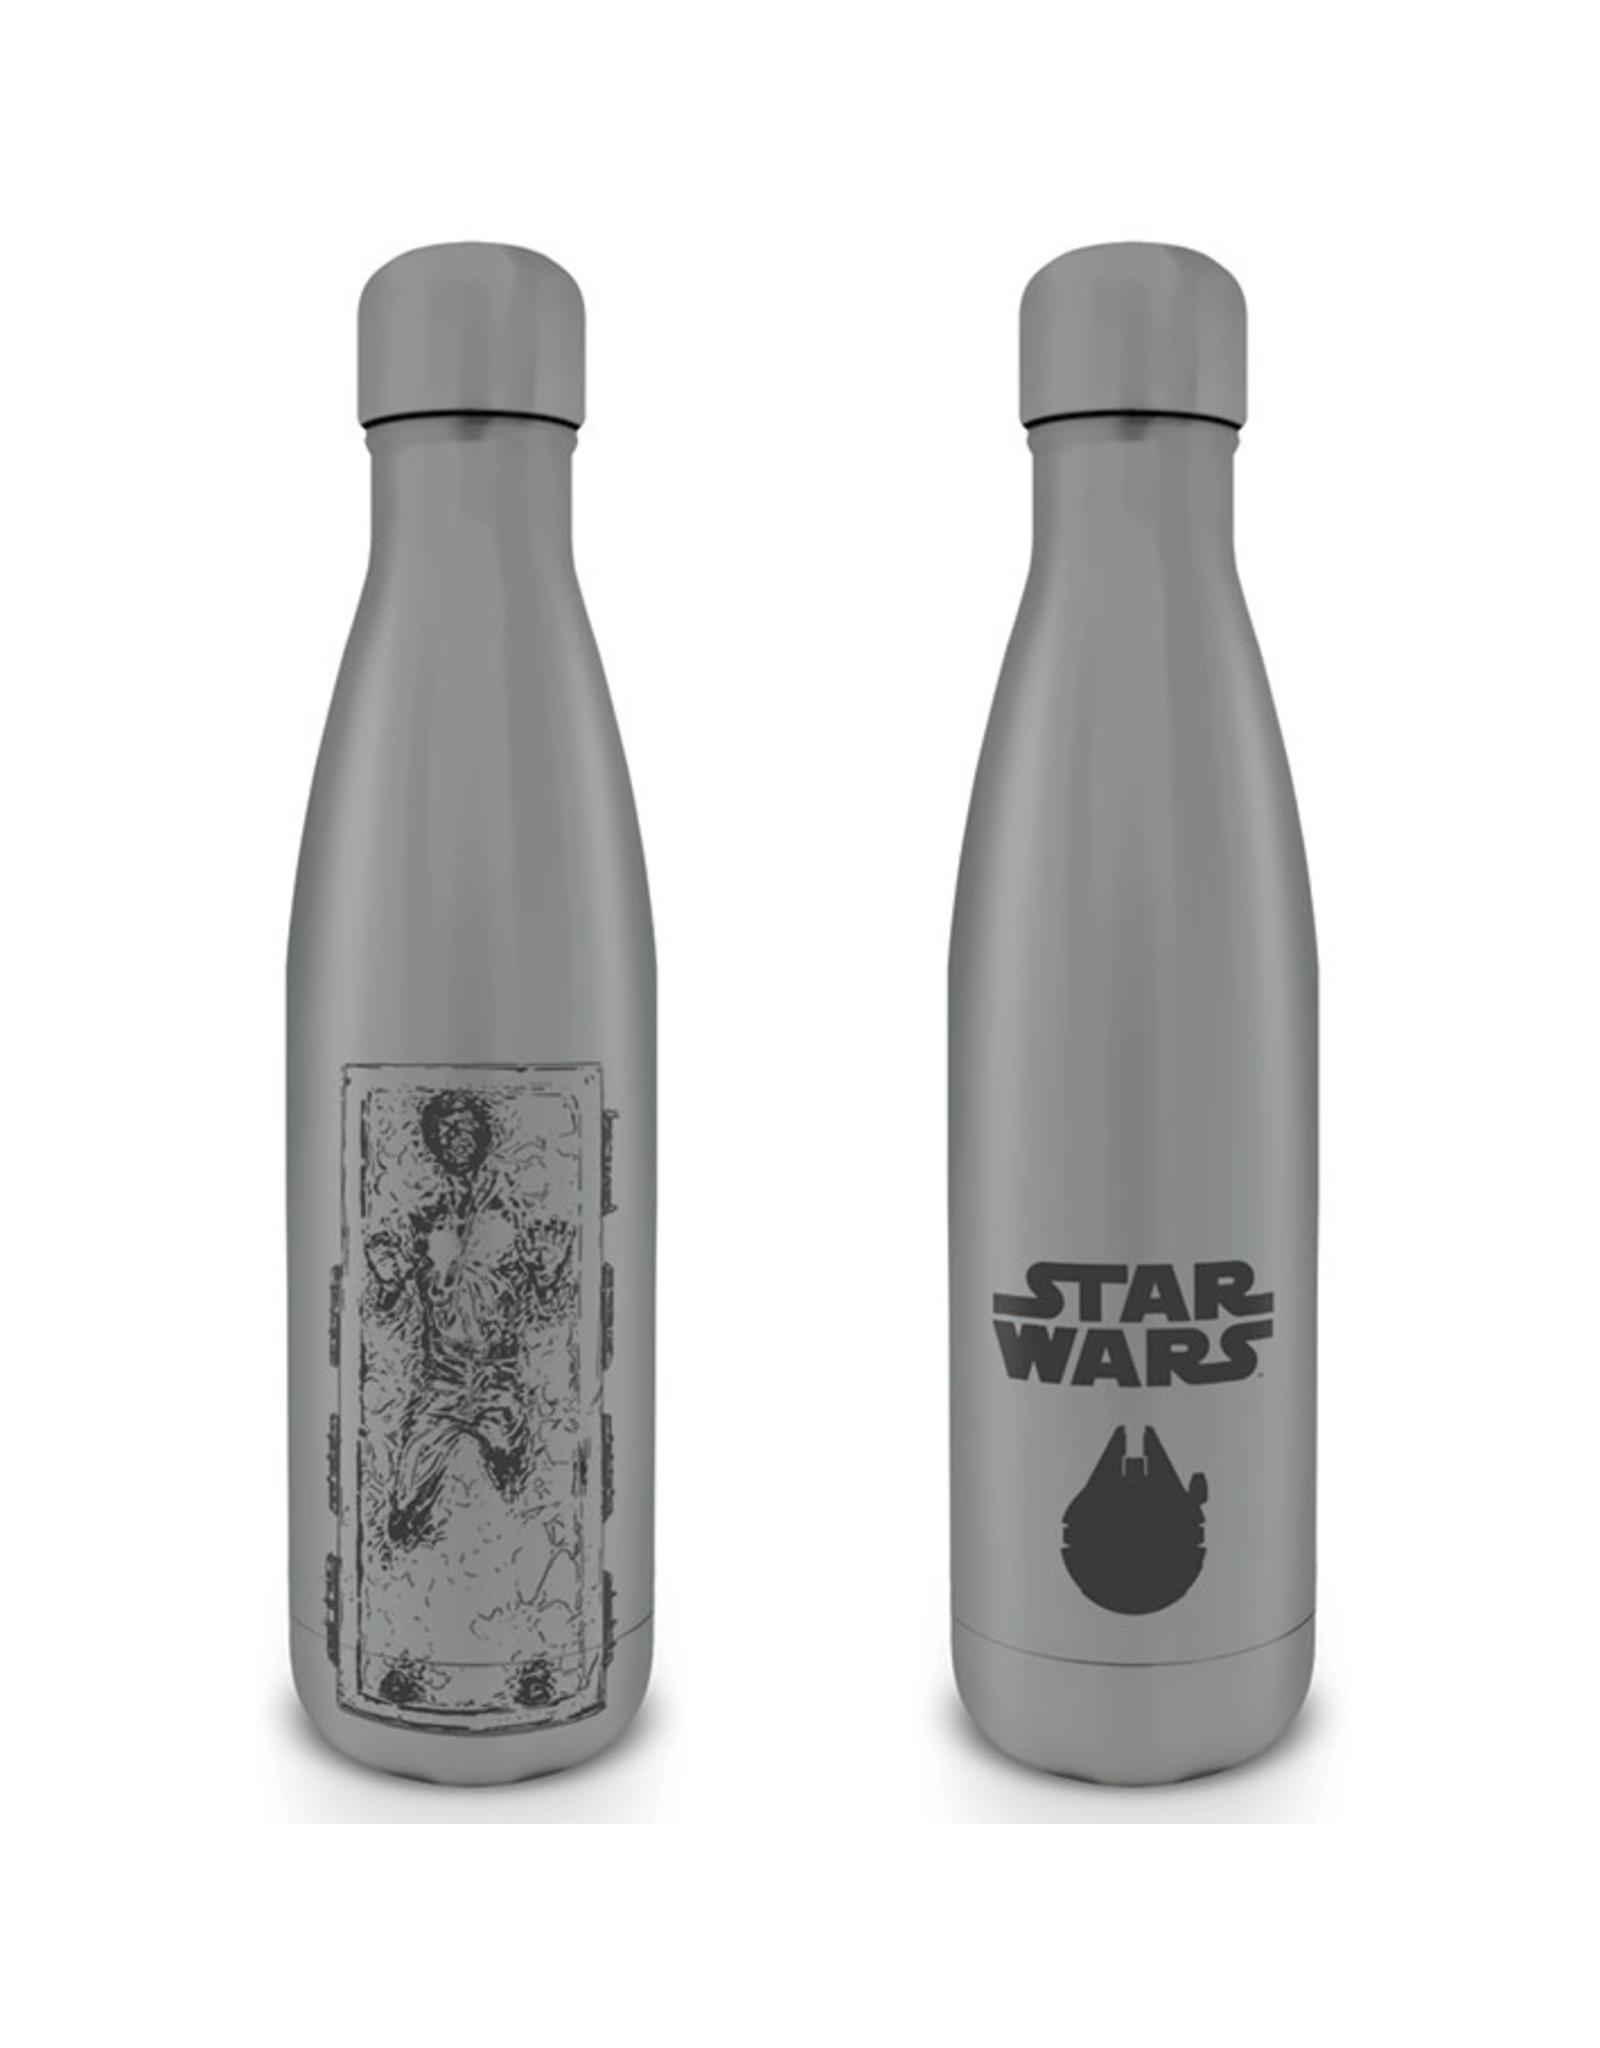 STAR WARS - Metal Bottle - Han Carbonite - 500ml